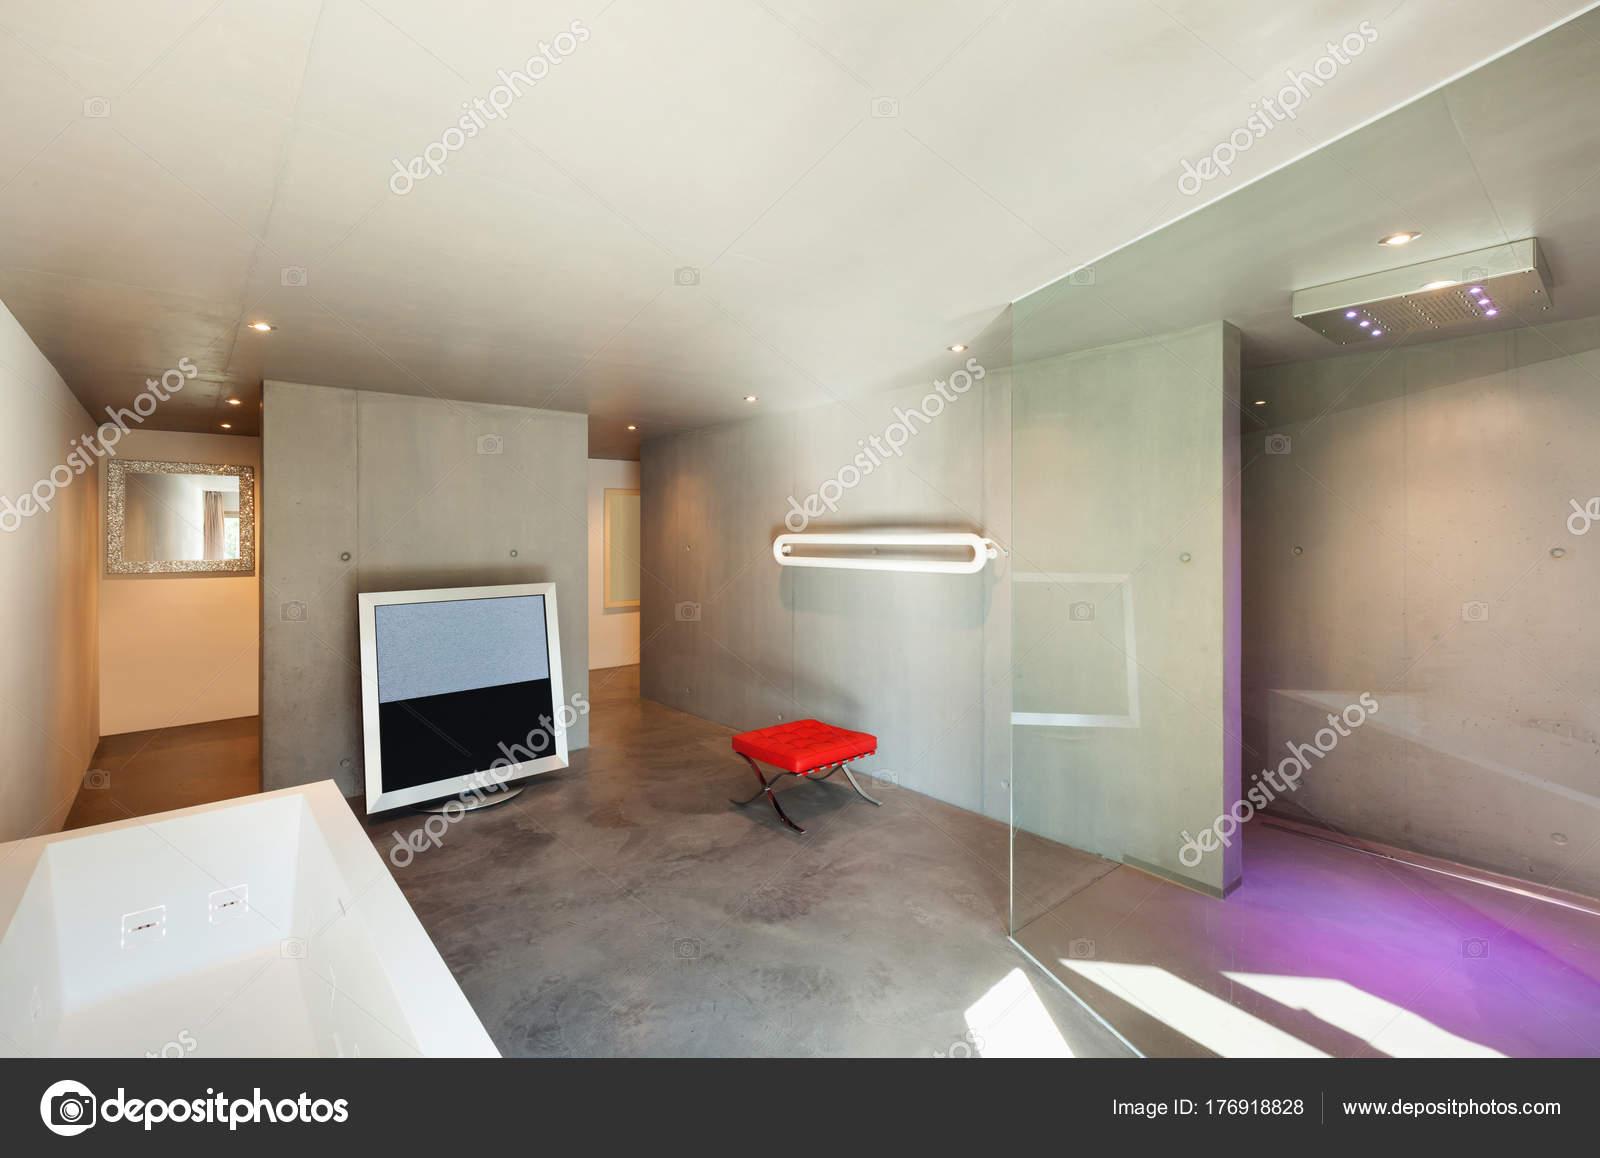 Modernes Haus, Interieur, Badezimmer — Stockfoto © Zveiger #176918828